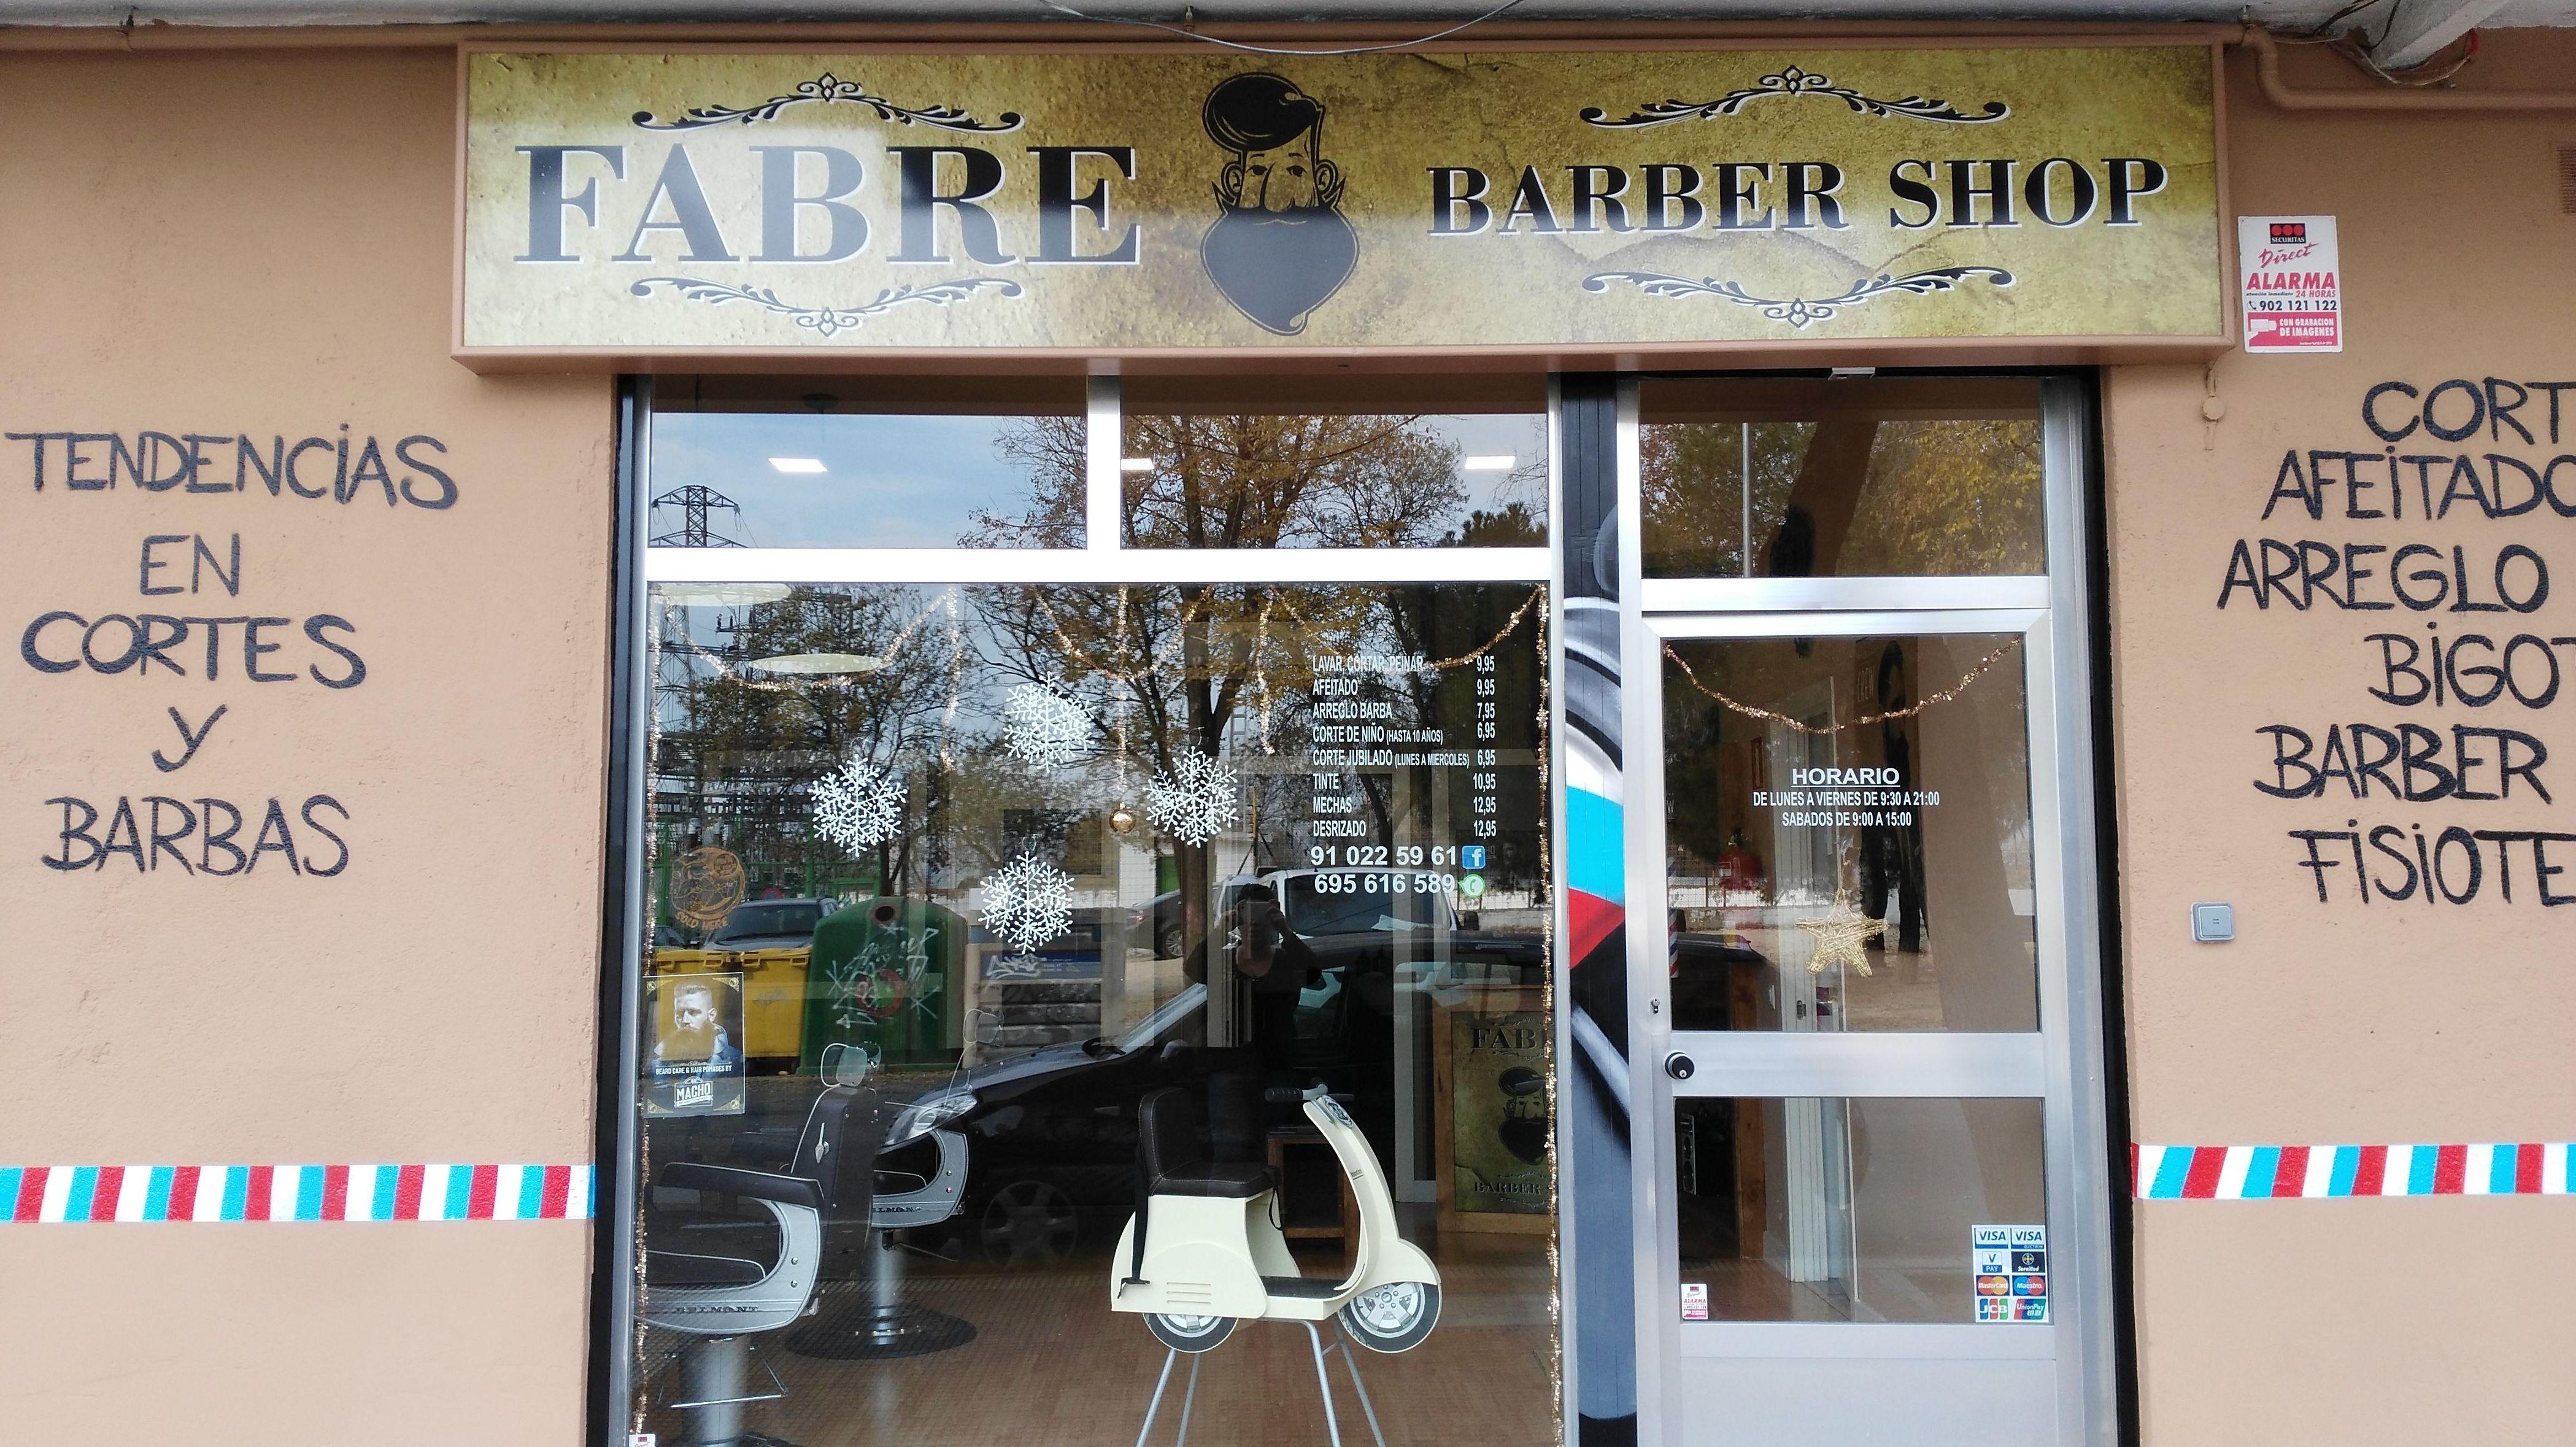 Foto 6 de peluquer a y barber a en parla fabre barber shop - Fachadas de peluquerias ...